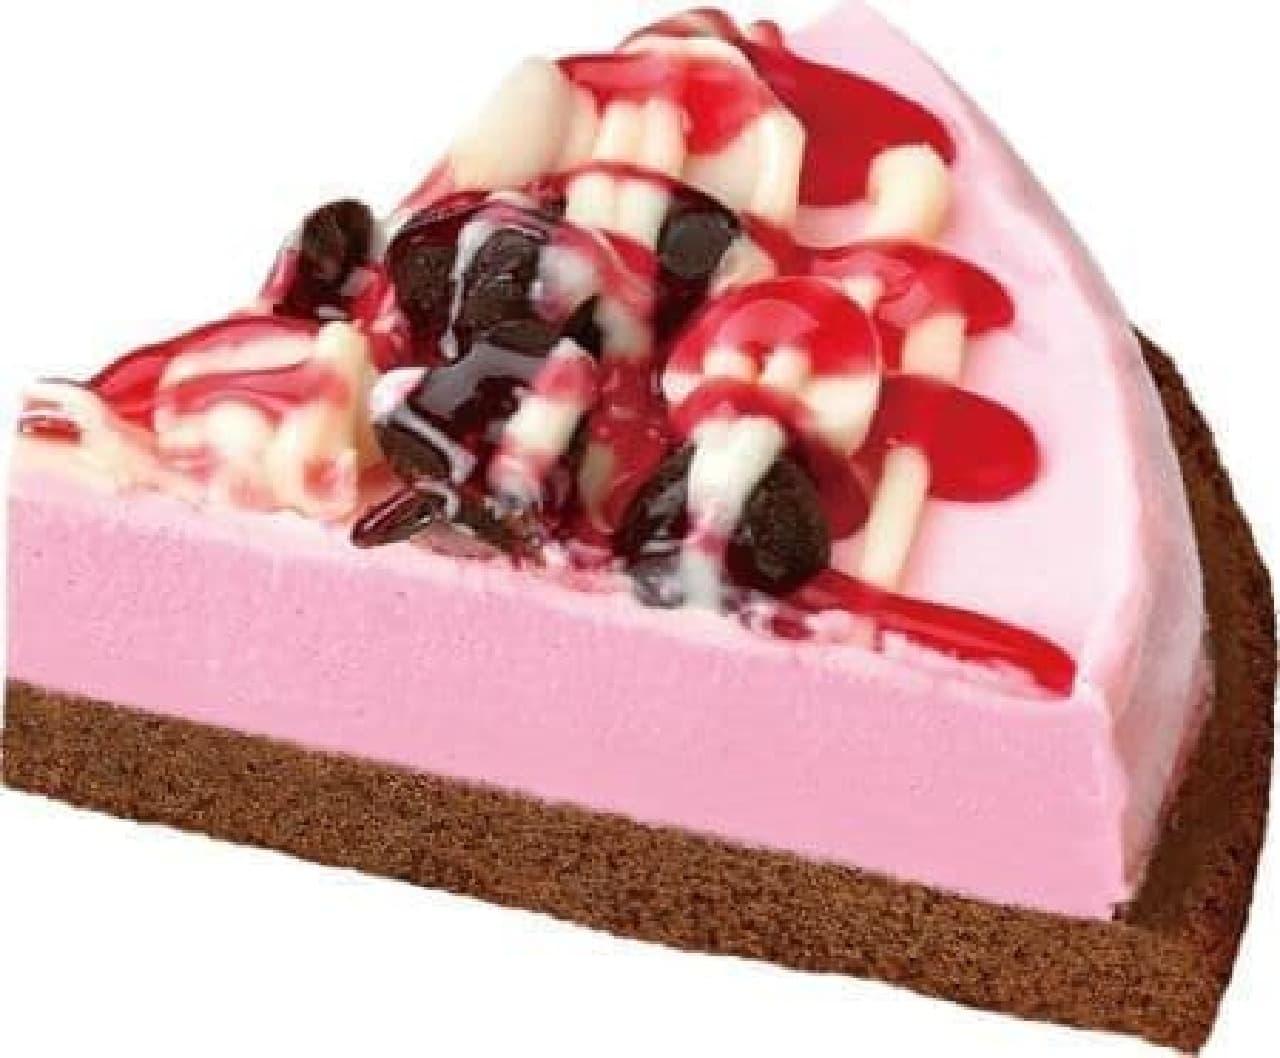 「ラズベリースペシャル」は、ブラウニー生地にラズベリーのアイスとピンクのホイップがあわせられたアイスピザ